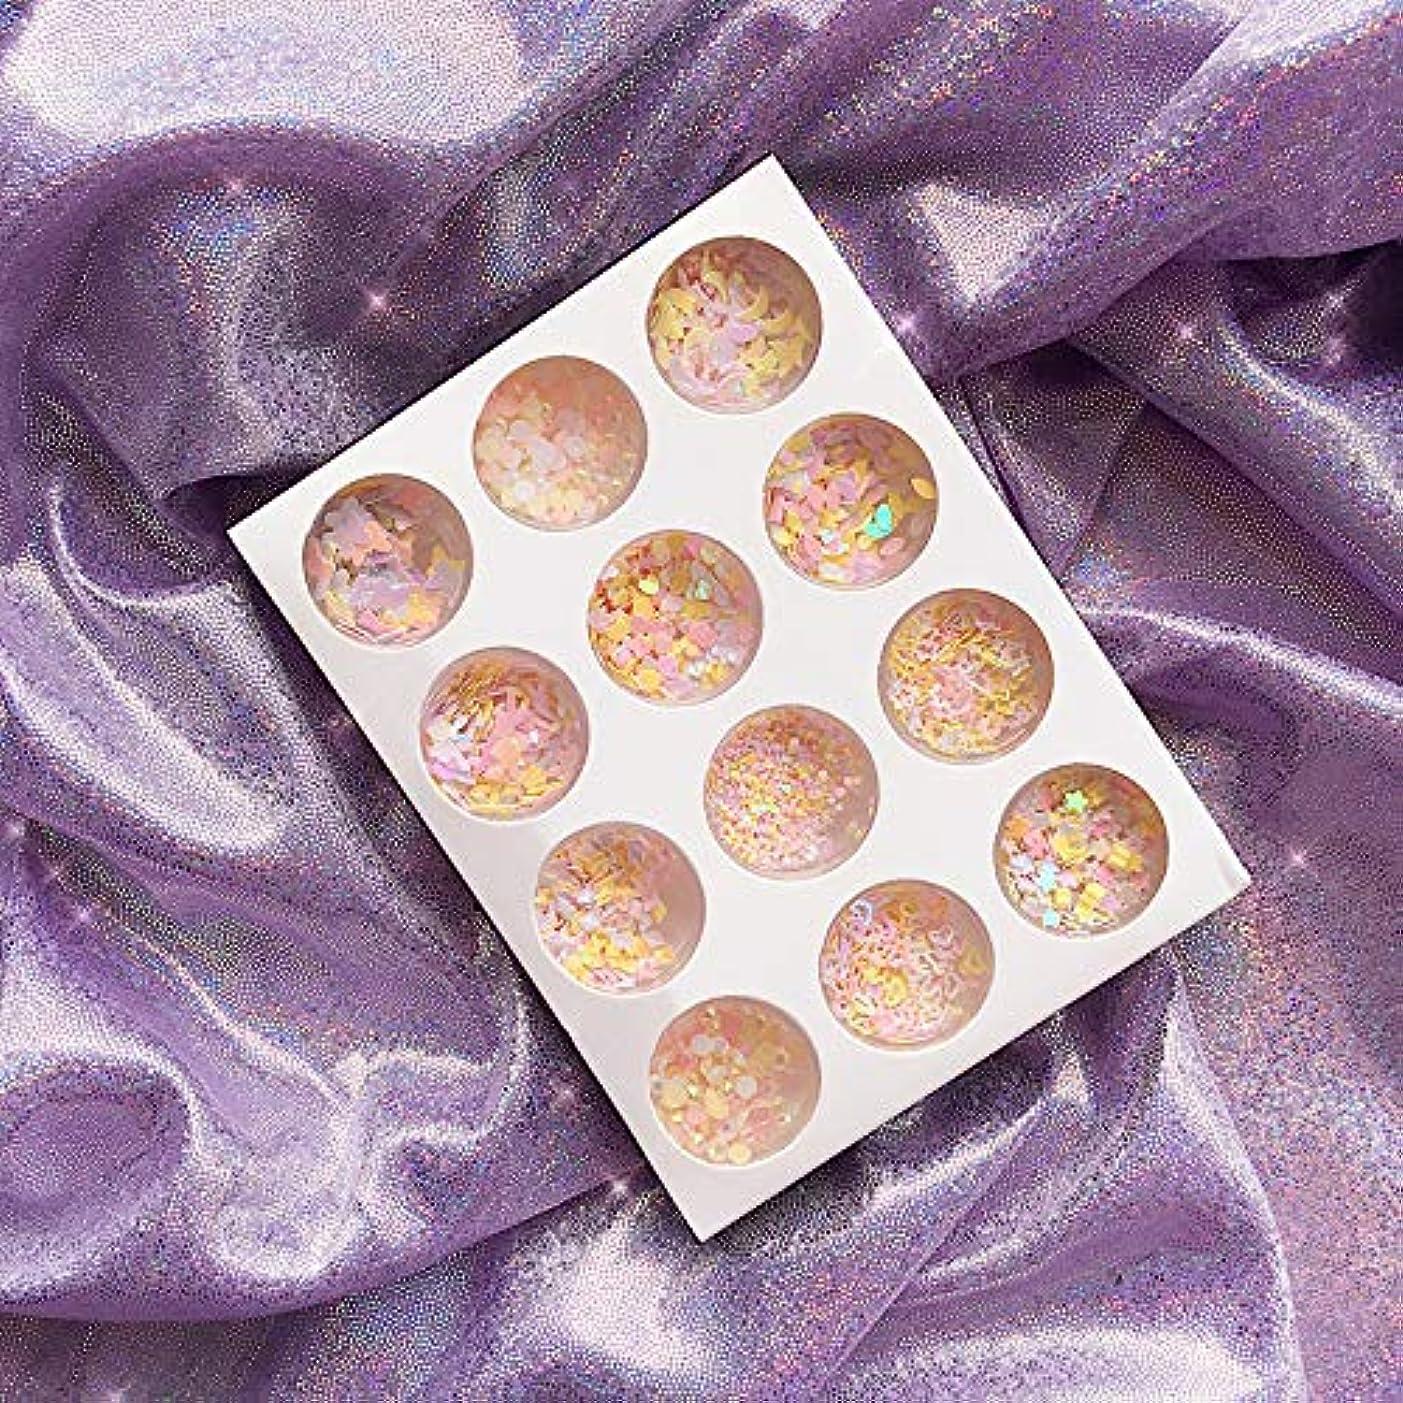 まだ性格絶壁12種類 可愛い DIYネイルアート グリッター 封入素材 アイメイク 装飾品 ネイルパーツ グリッター キラキラ